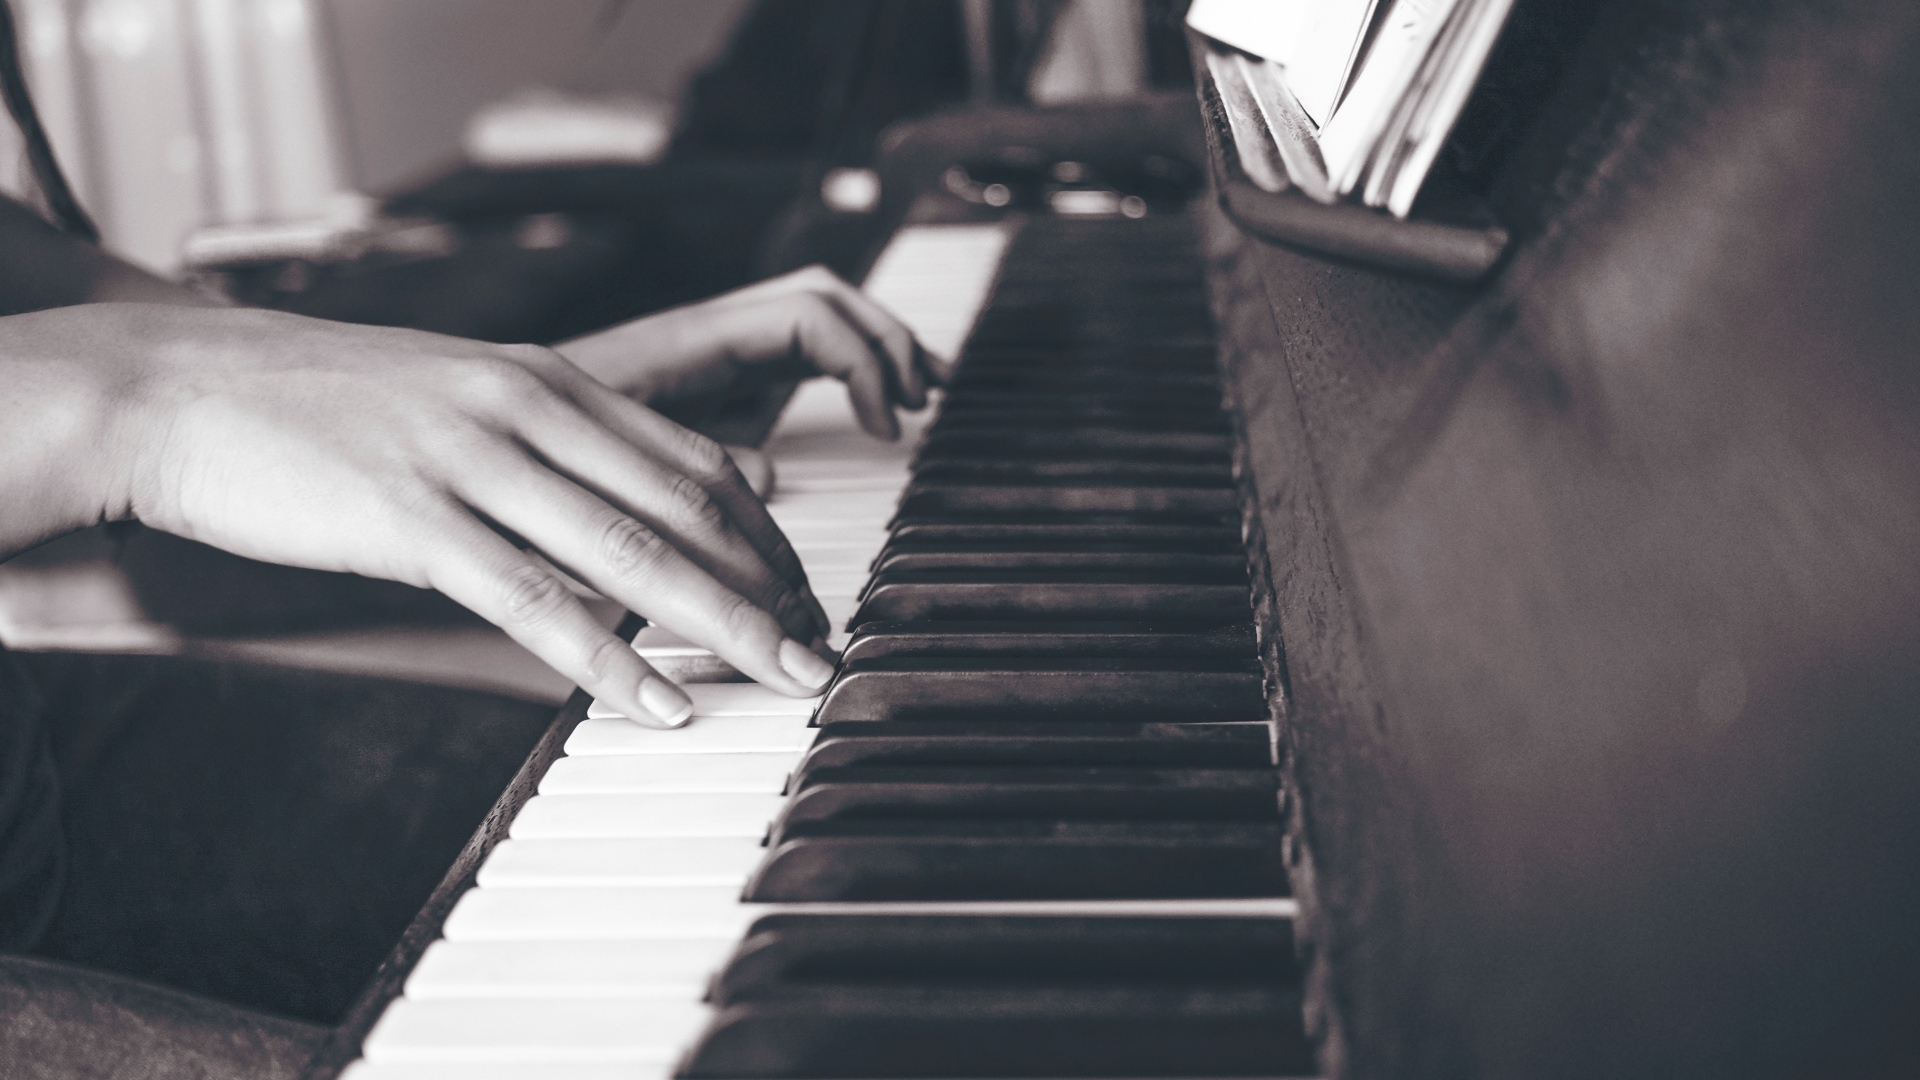 hd hintergrundbilder tasten klavier hände schwarz-weiß 1920x1080